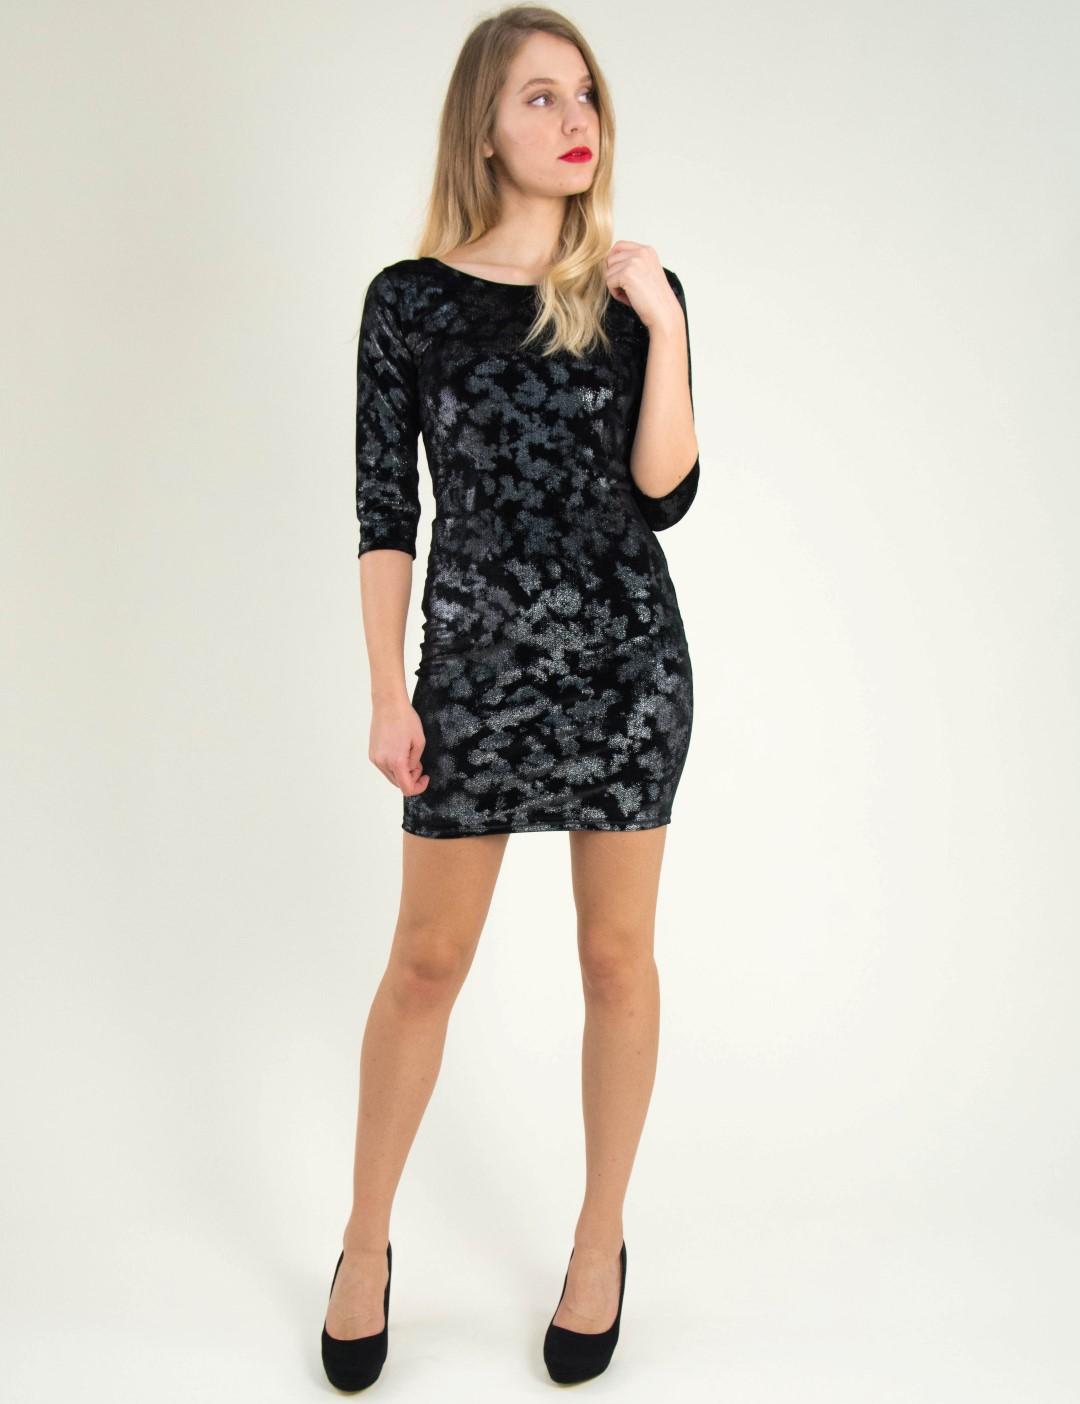 Γυναικείο μαύρο βελούδινο φόρεμα άνοιγμα πλάτη 8004198 d5d7193d03a